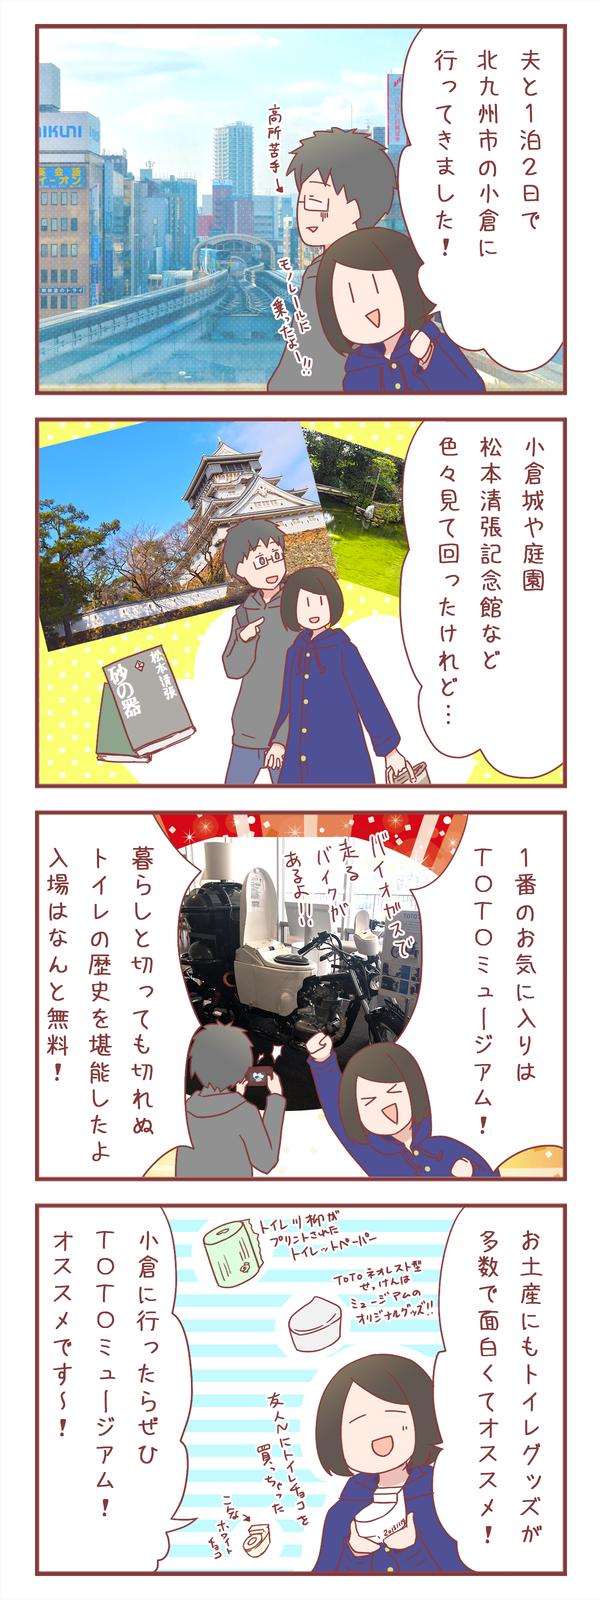 北九州市の小倉に行ってきた! 観光のオススメは無料のあの施設!